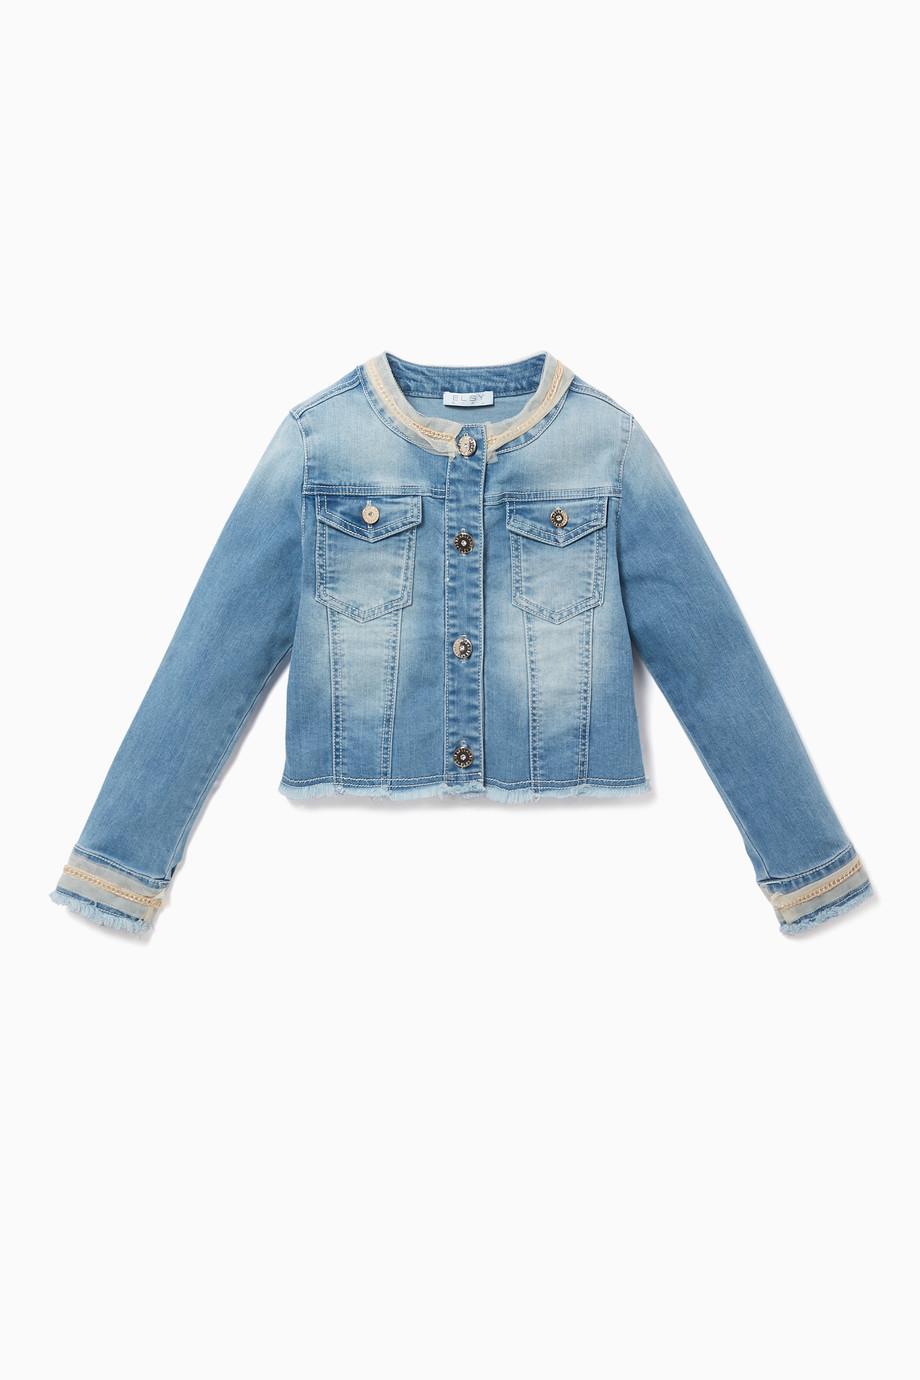 7e11f946ef6 Shop Elsy Blue Denim Jacket with Mesh Trim for Kids